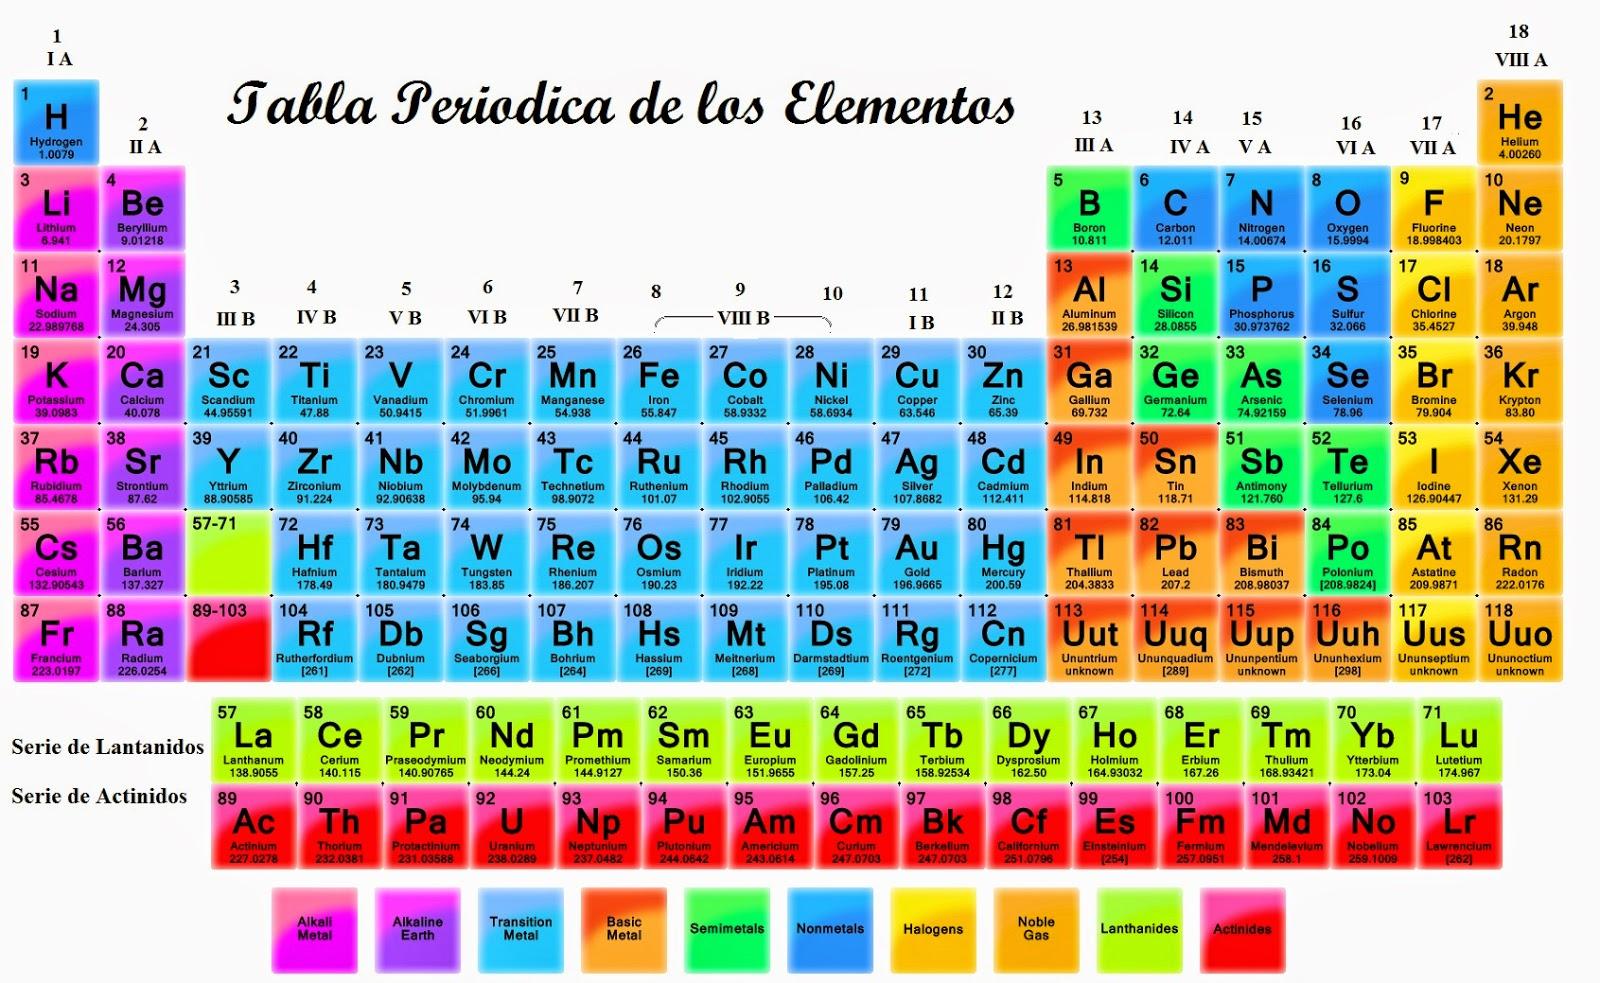 Tabla periodica con nombres wikipedia choice image periodic table tabla periodica de elementos wikipedia images periodic table and imagenes tabla periodica de los elementos imagenes urtaz Gallery